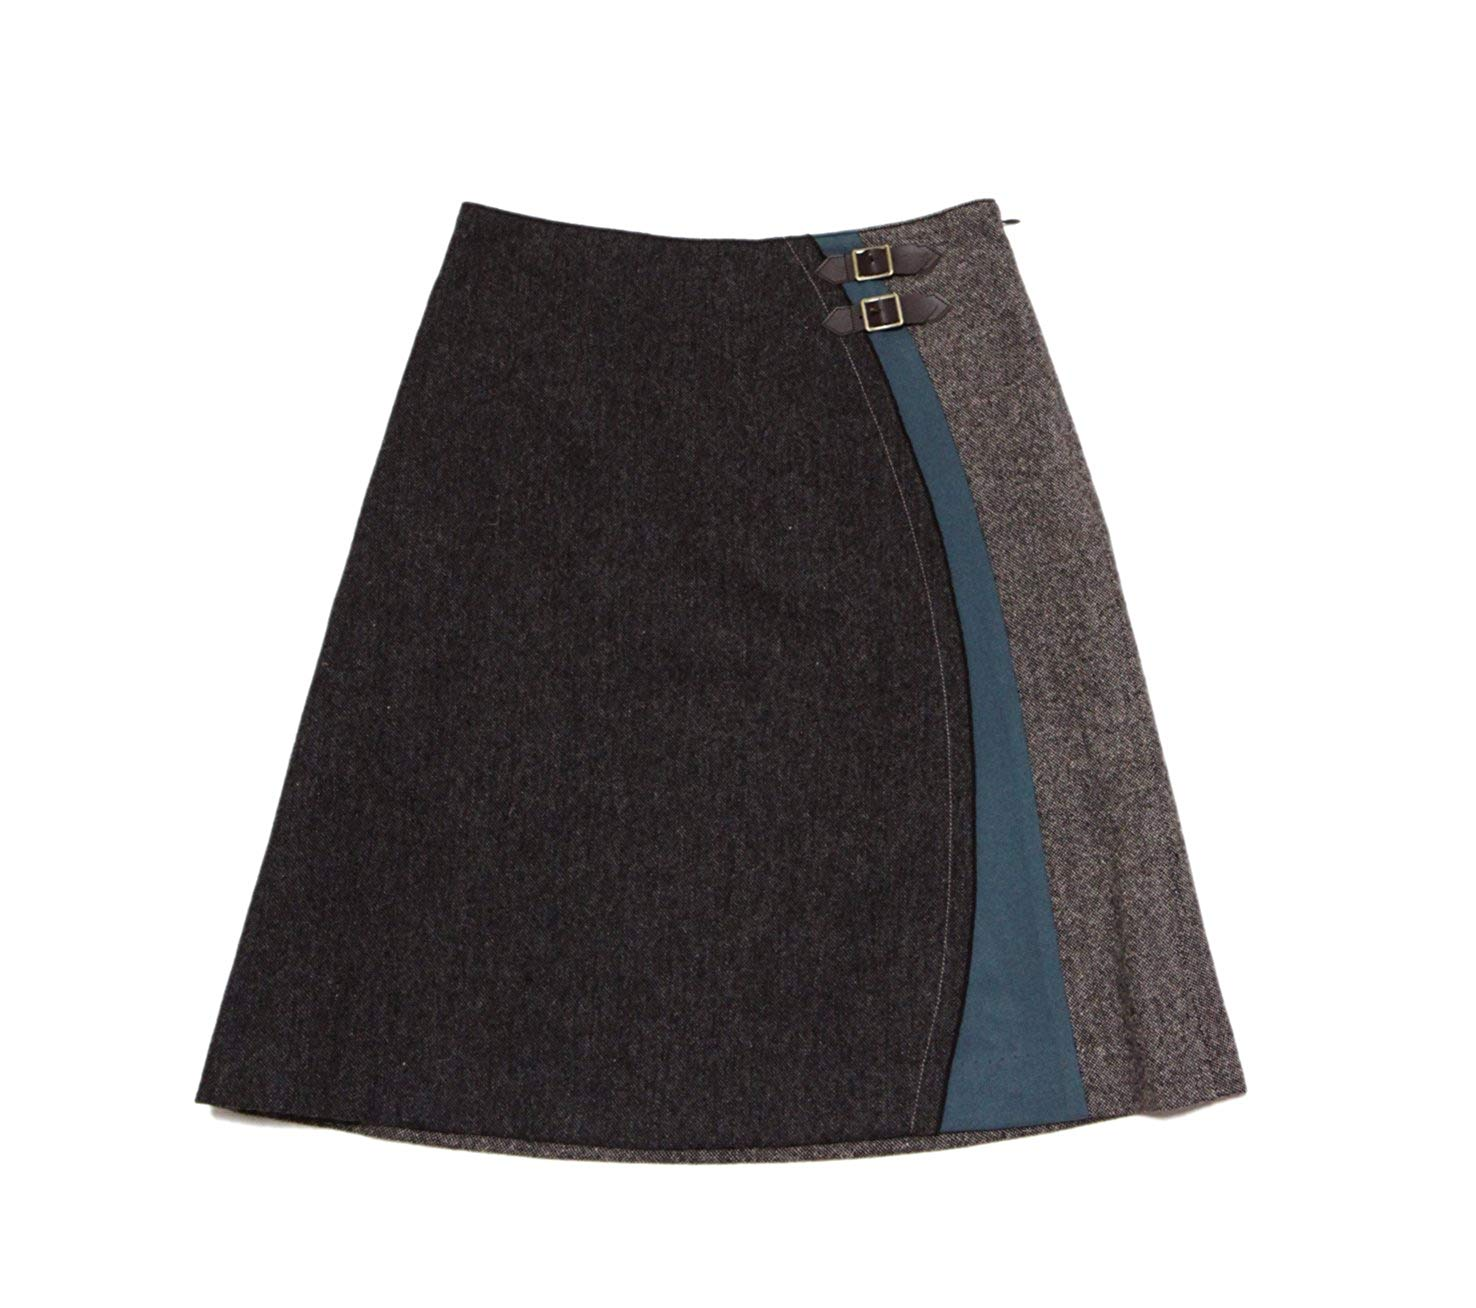 ☆選べるレディース服3点福袋対象商品☆人気デザイン♪オーバルデザインスカート(返品・交換・ギフト包装不可)